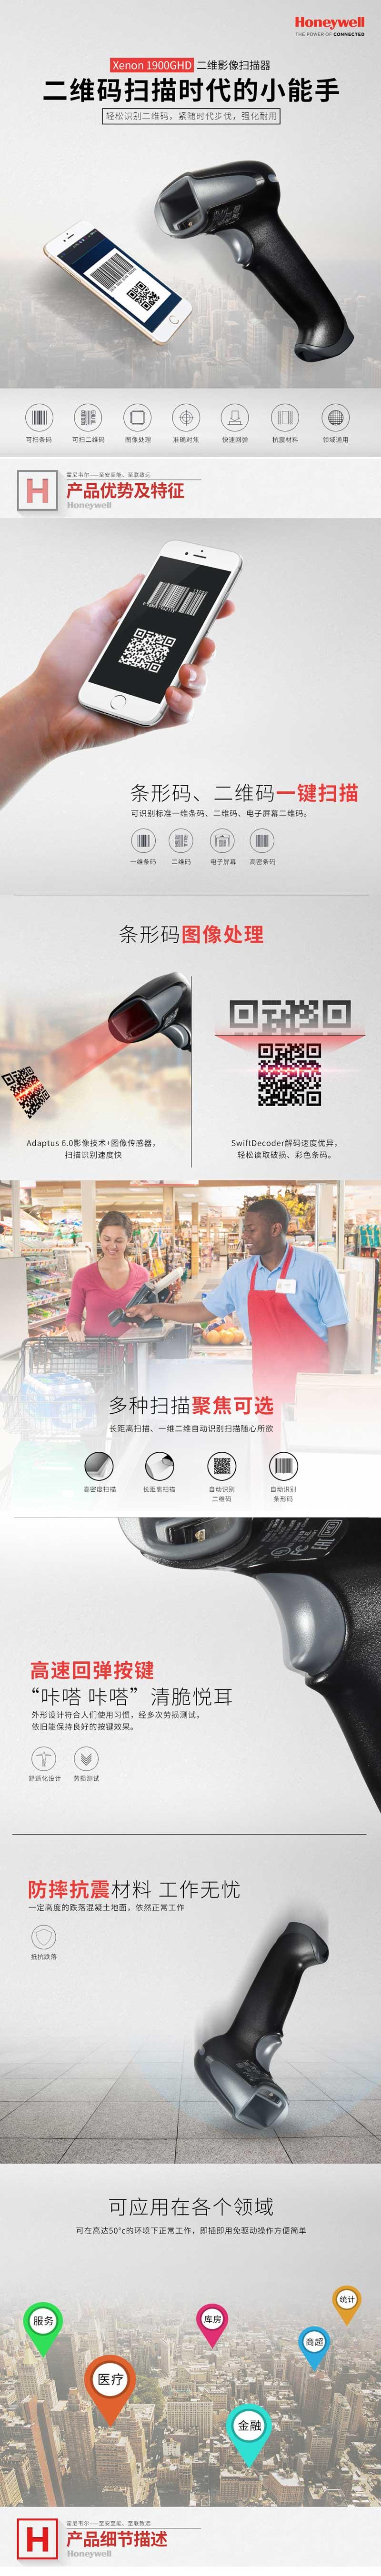 霍尼韦尔(Honeywell)1900GHD 农资医药高密二维码影像扫描枪 可扫手机屏幕扫描器 超市商场扫码枪